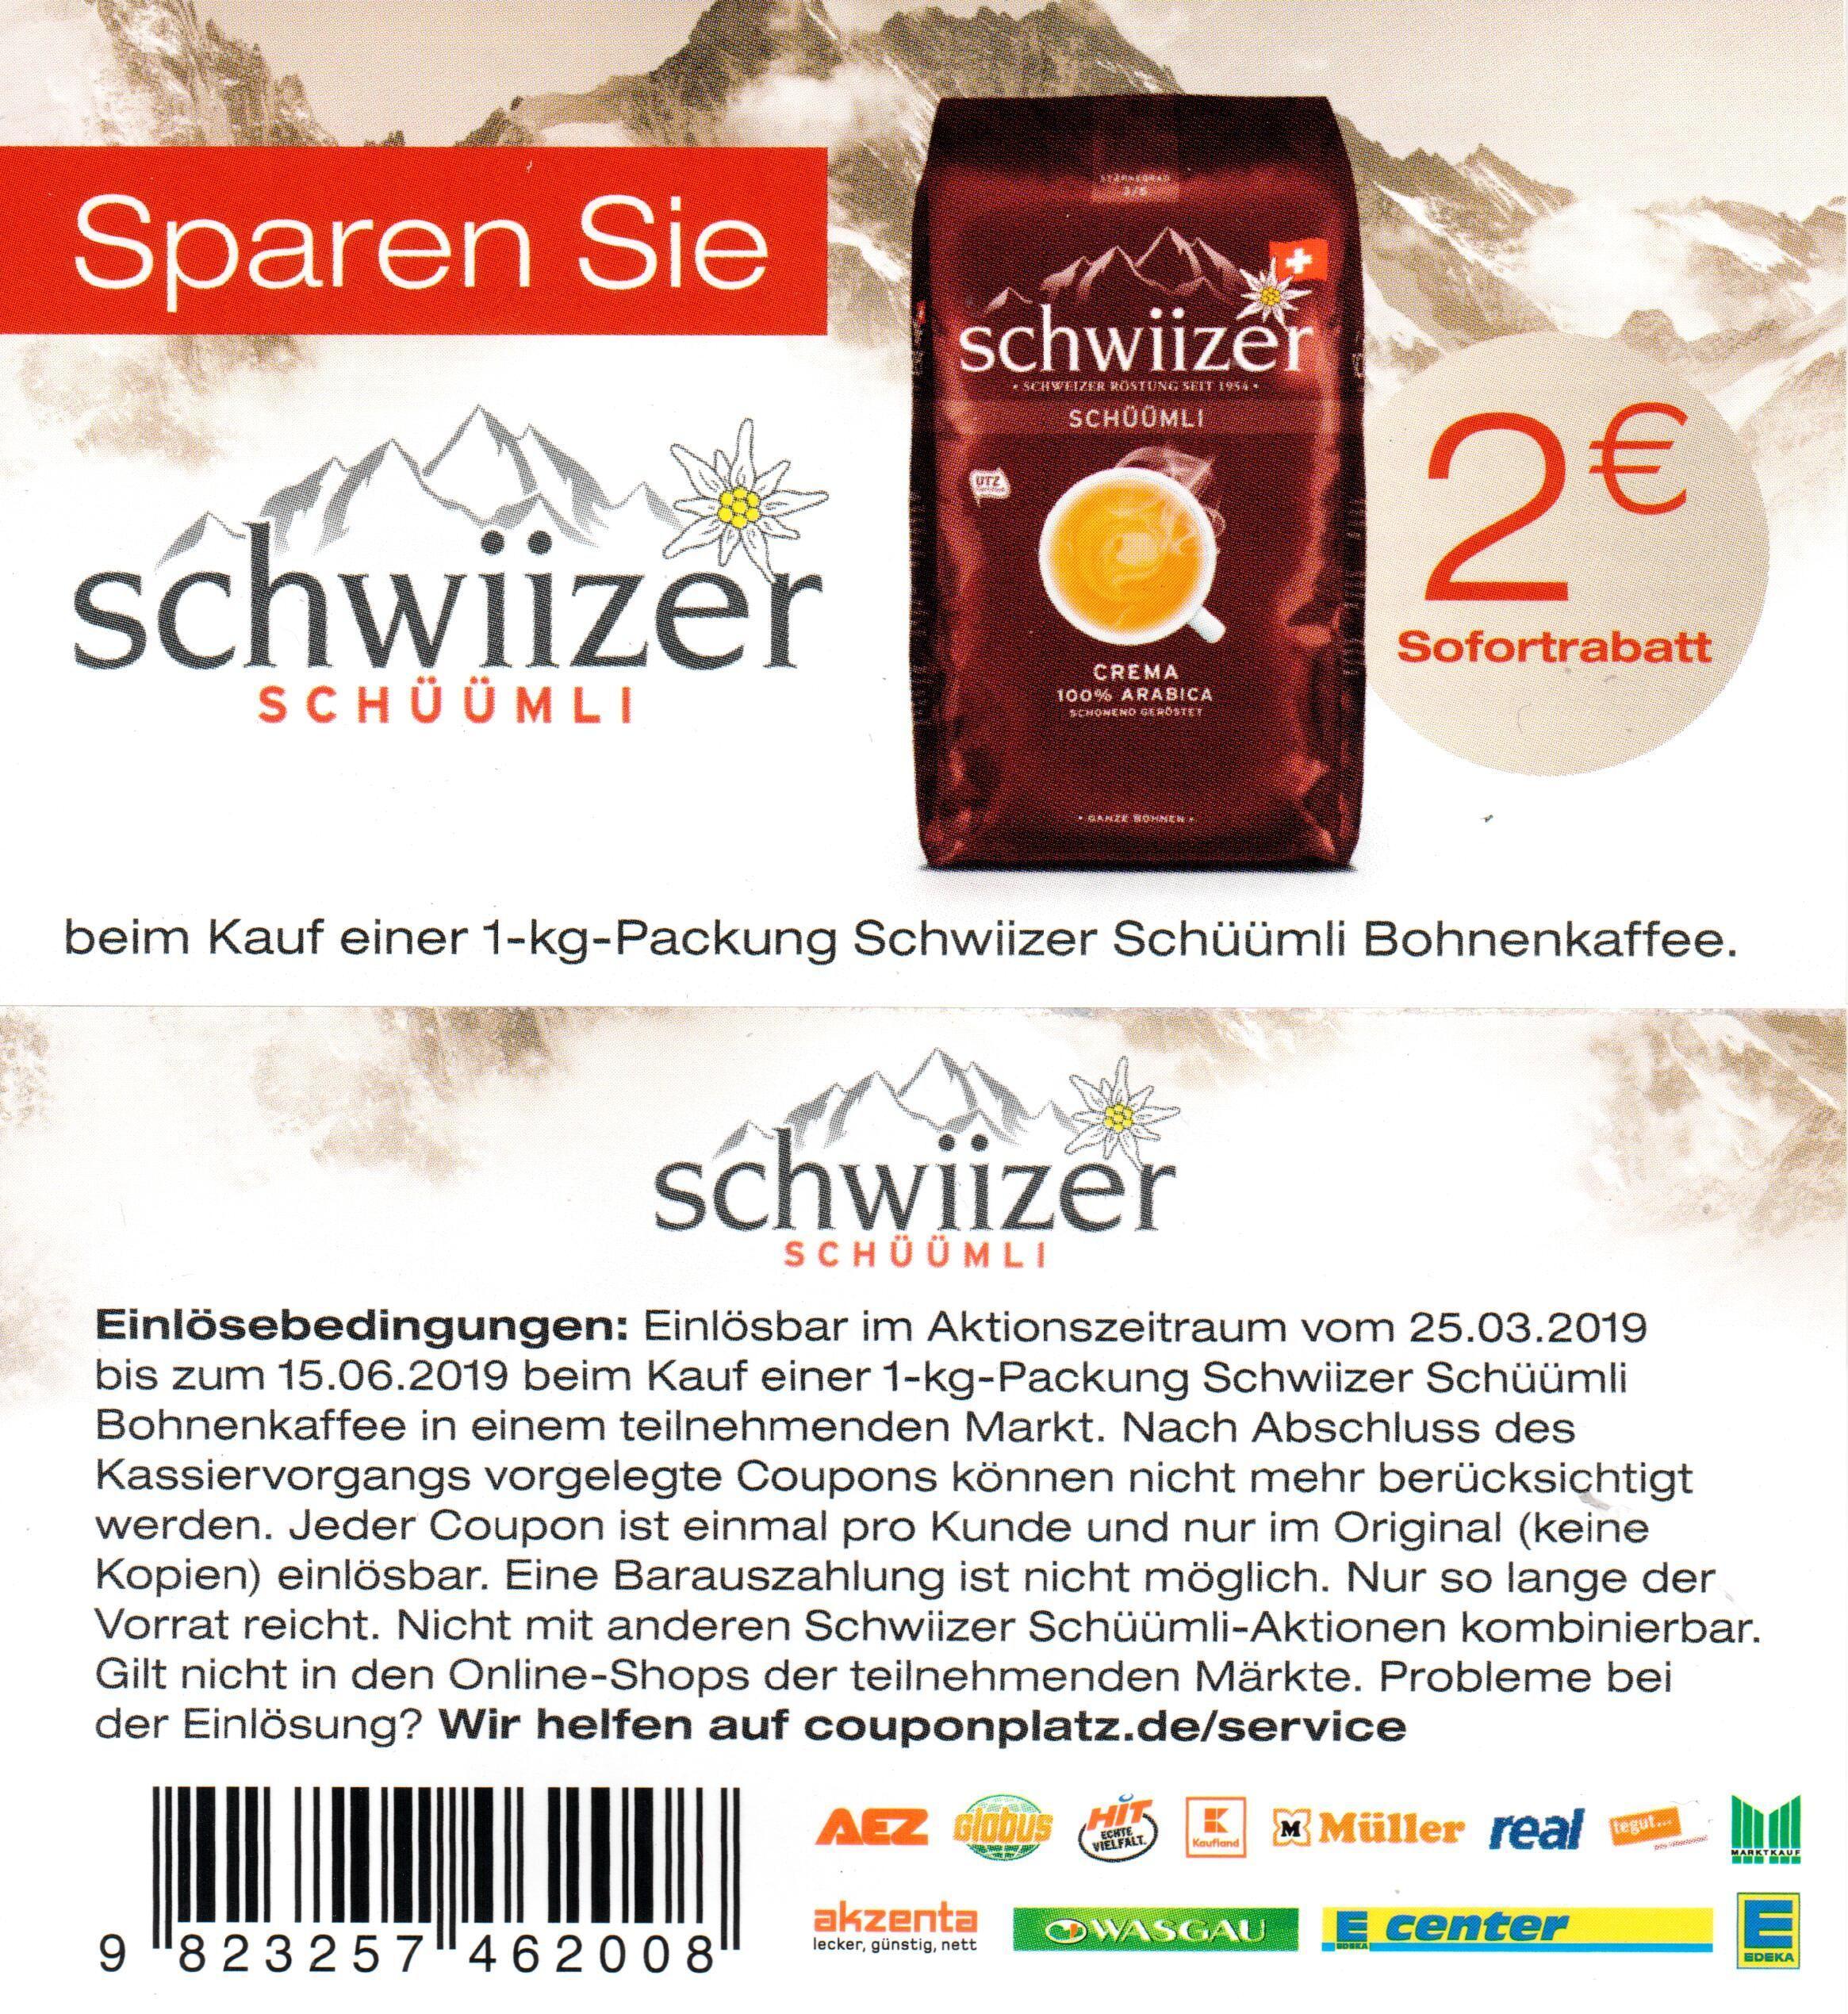 2,00€ Sofort-Rabatt Coupon für Schwiizer Schüümli 1000g bis 15.06.2019